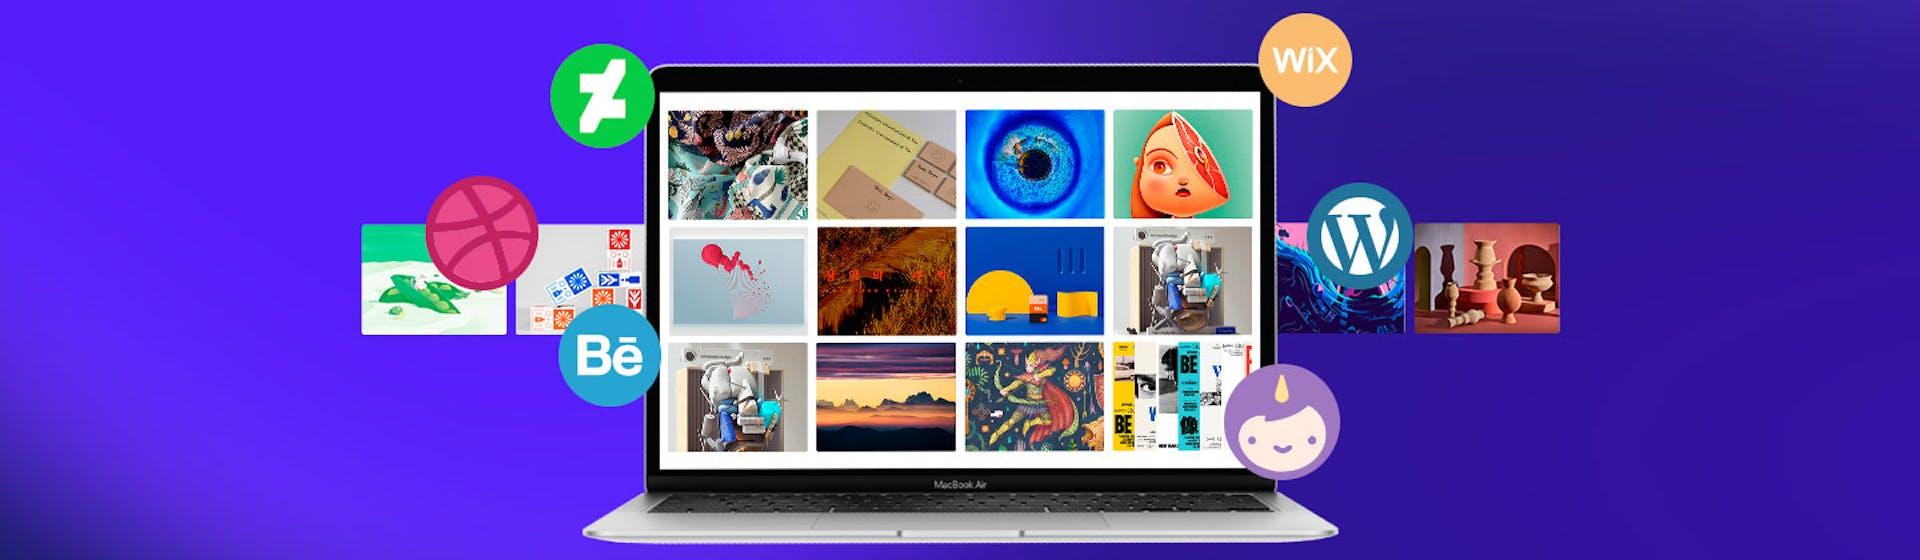 10 webs para crear tu primer portafolio profesional y ¡lucir tu talento!